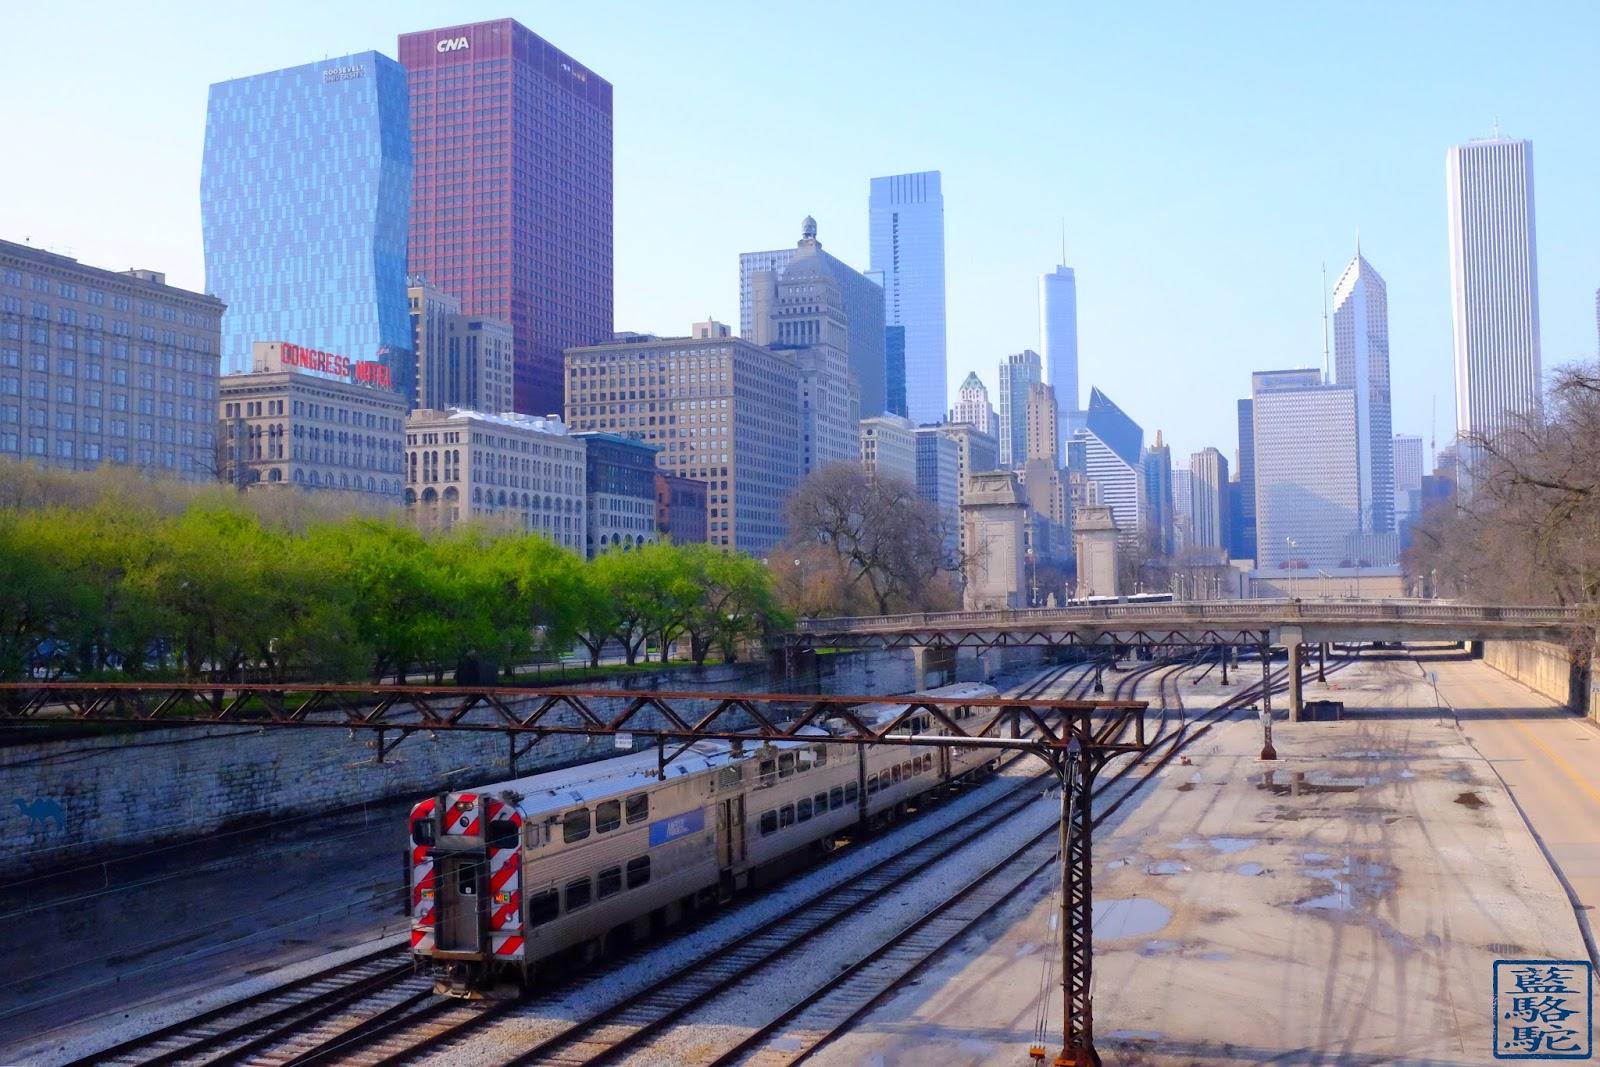 Le Chameau Bleu - Blog Voyage Chicago USA -  Chicago et ses trains - Voyage à Chicago Illinois USA